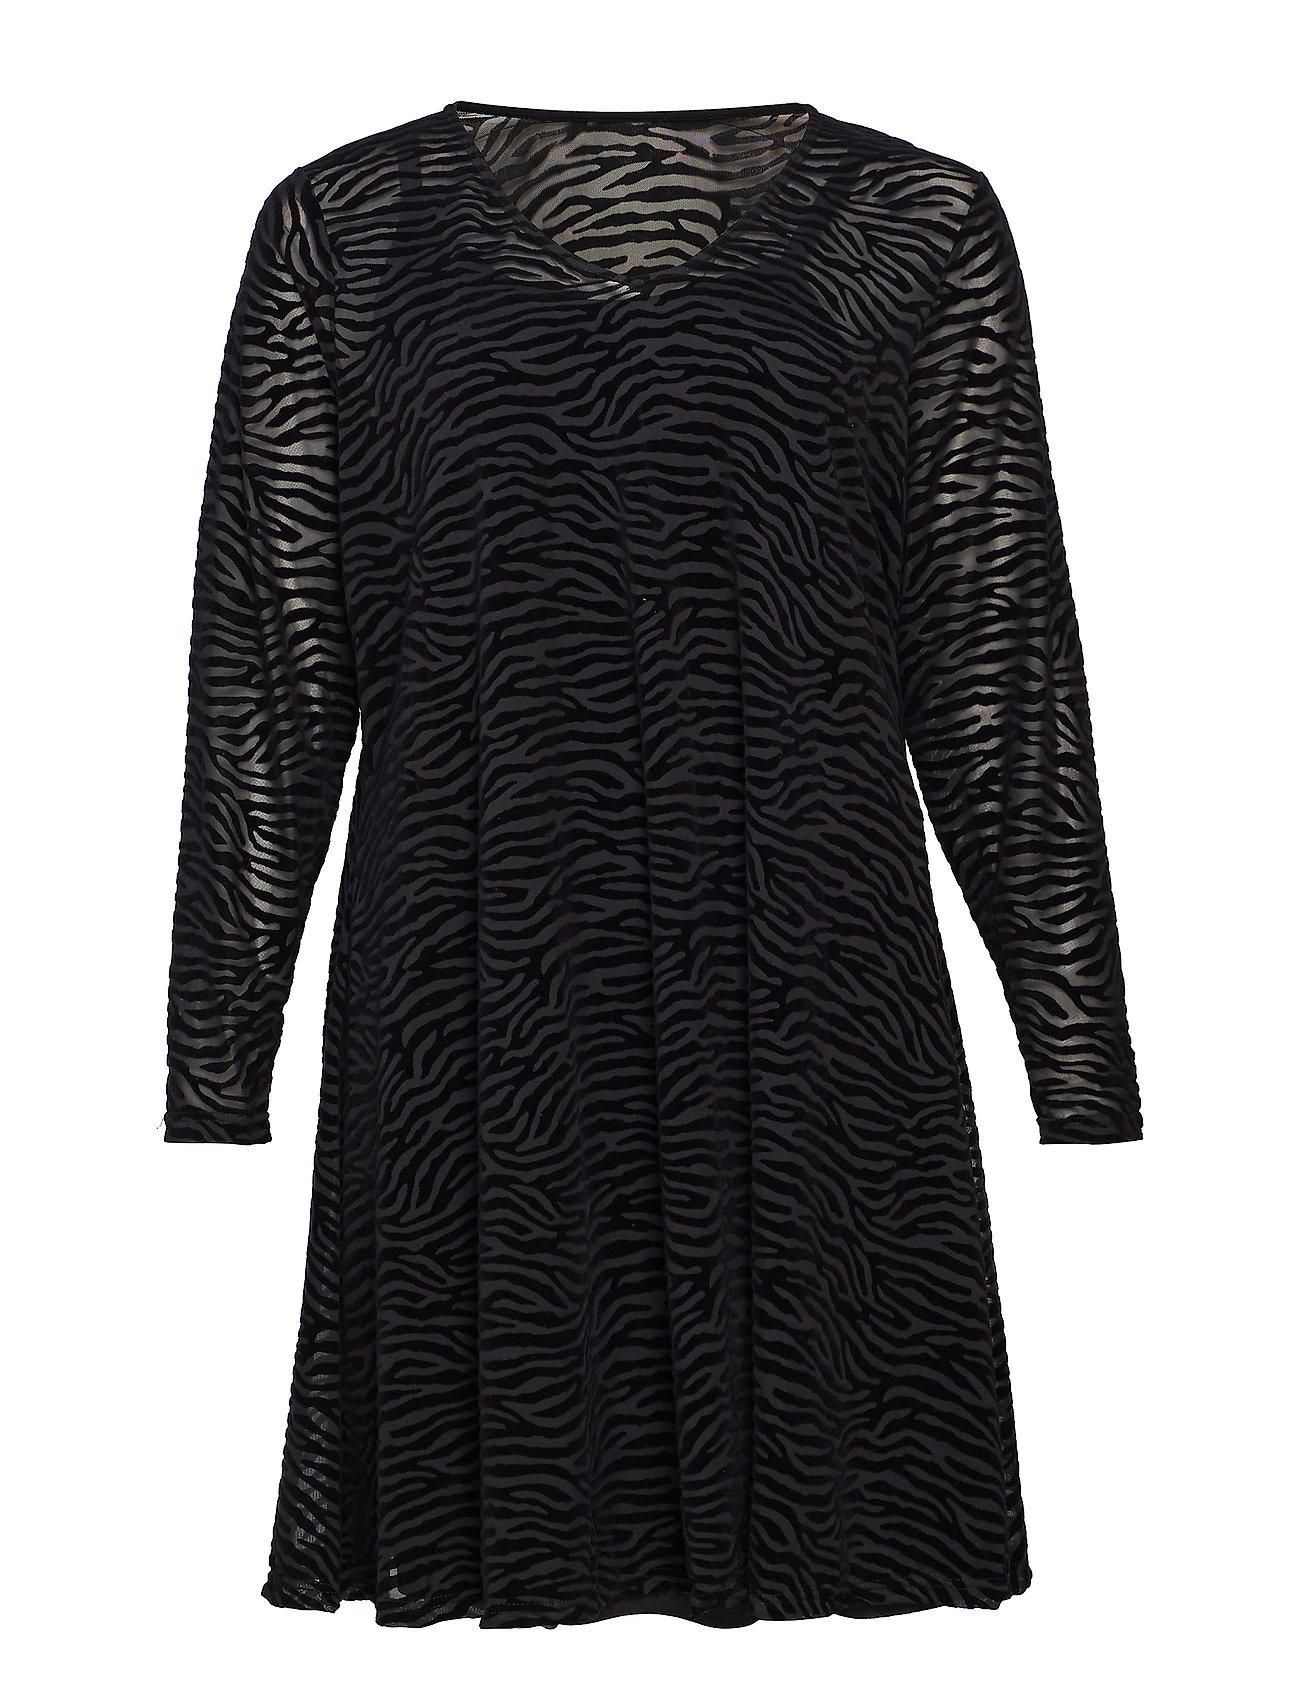 Zizzi MMARIE, L/S, MESH DRESS - BLACK